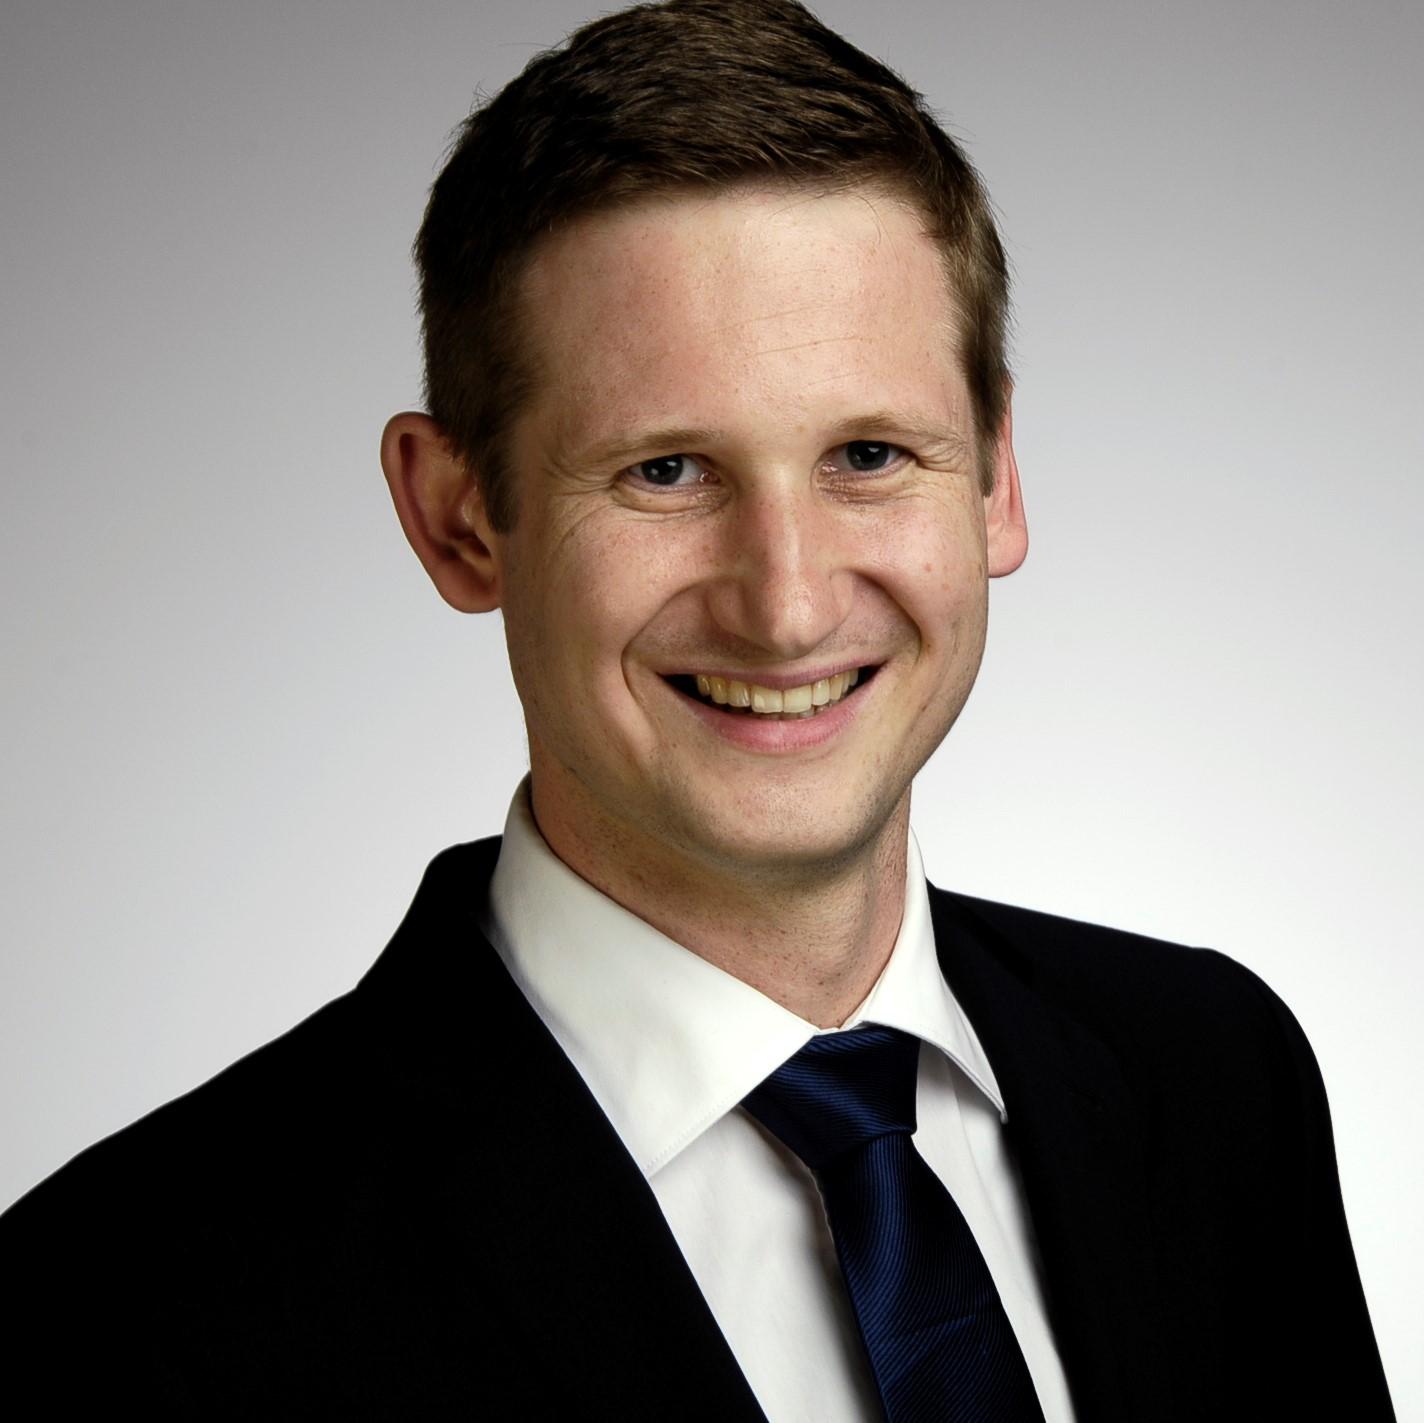 Torsten Dannenberg